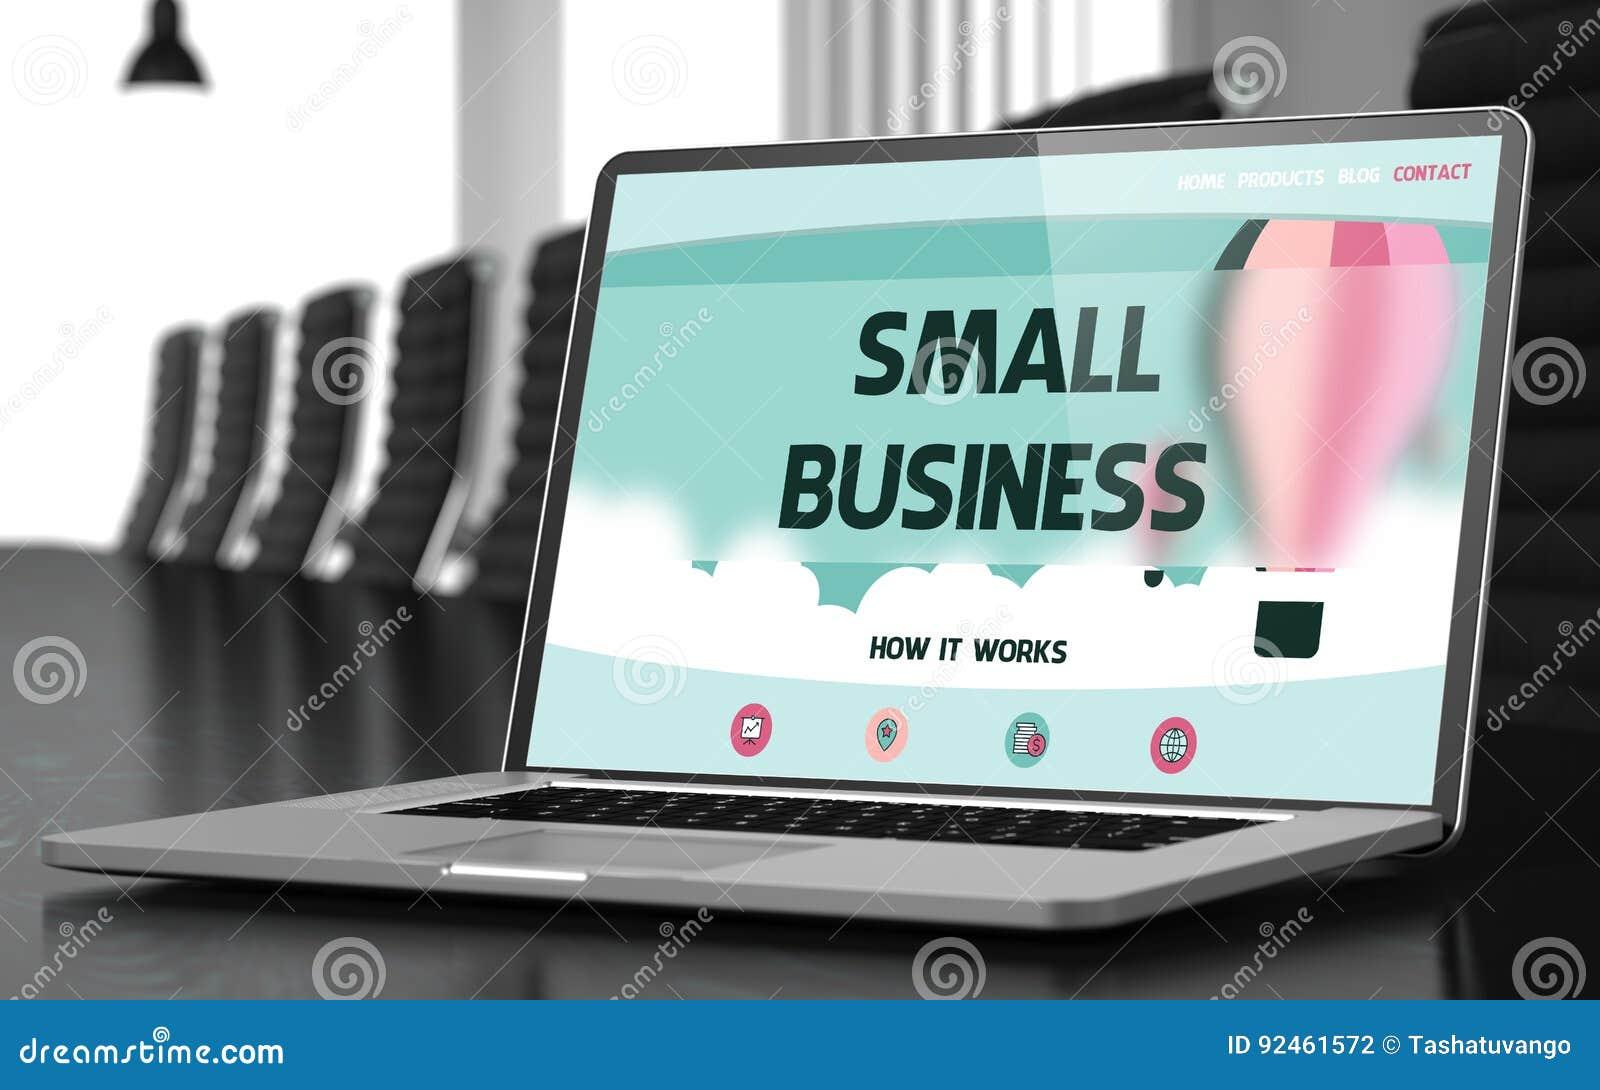 Pantalla del ordenador portátil con concepto de la pequeña empresa 3d